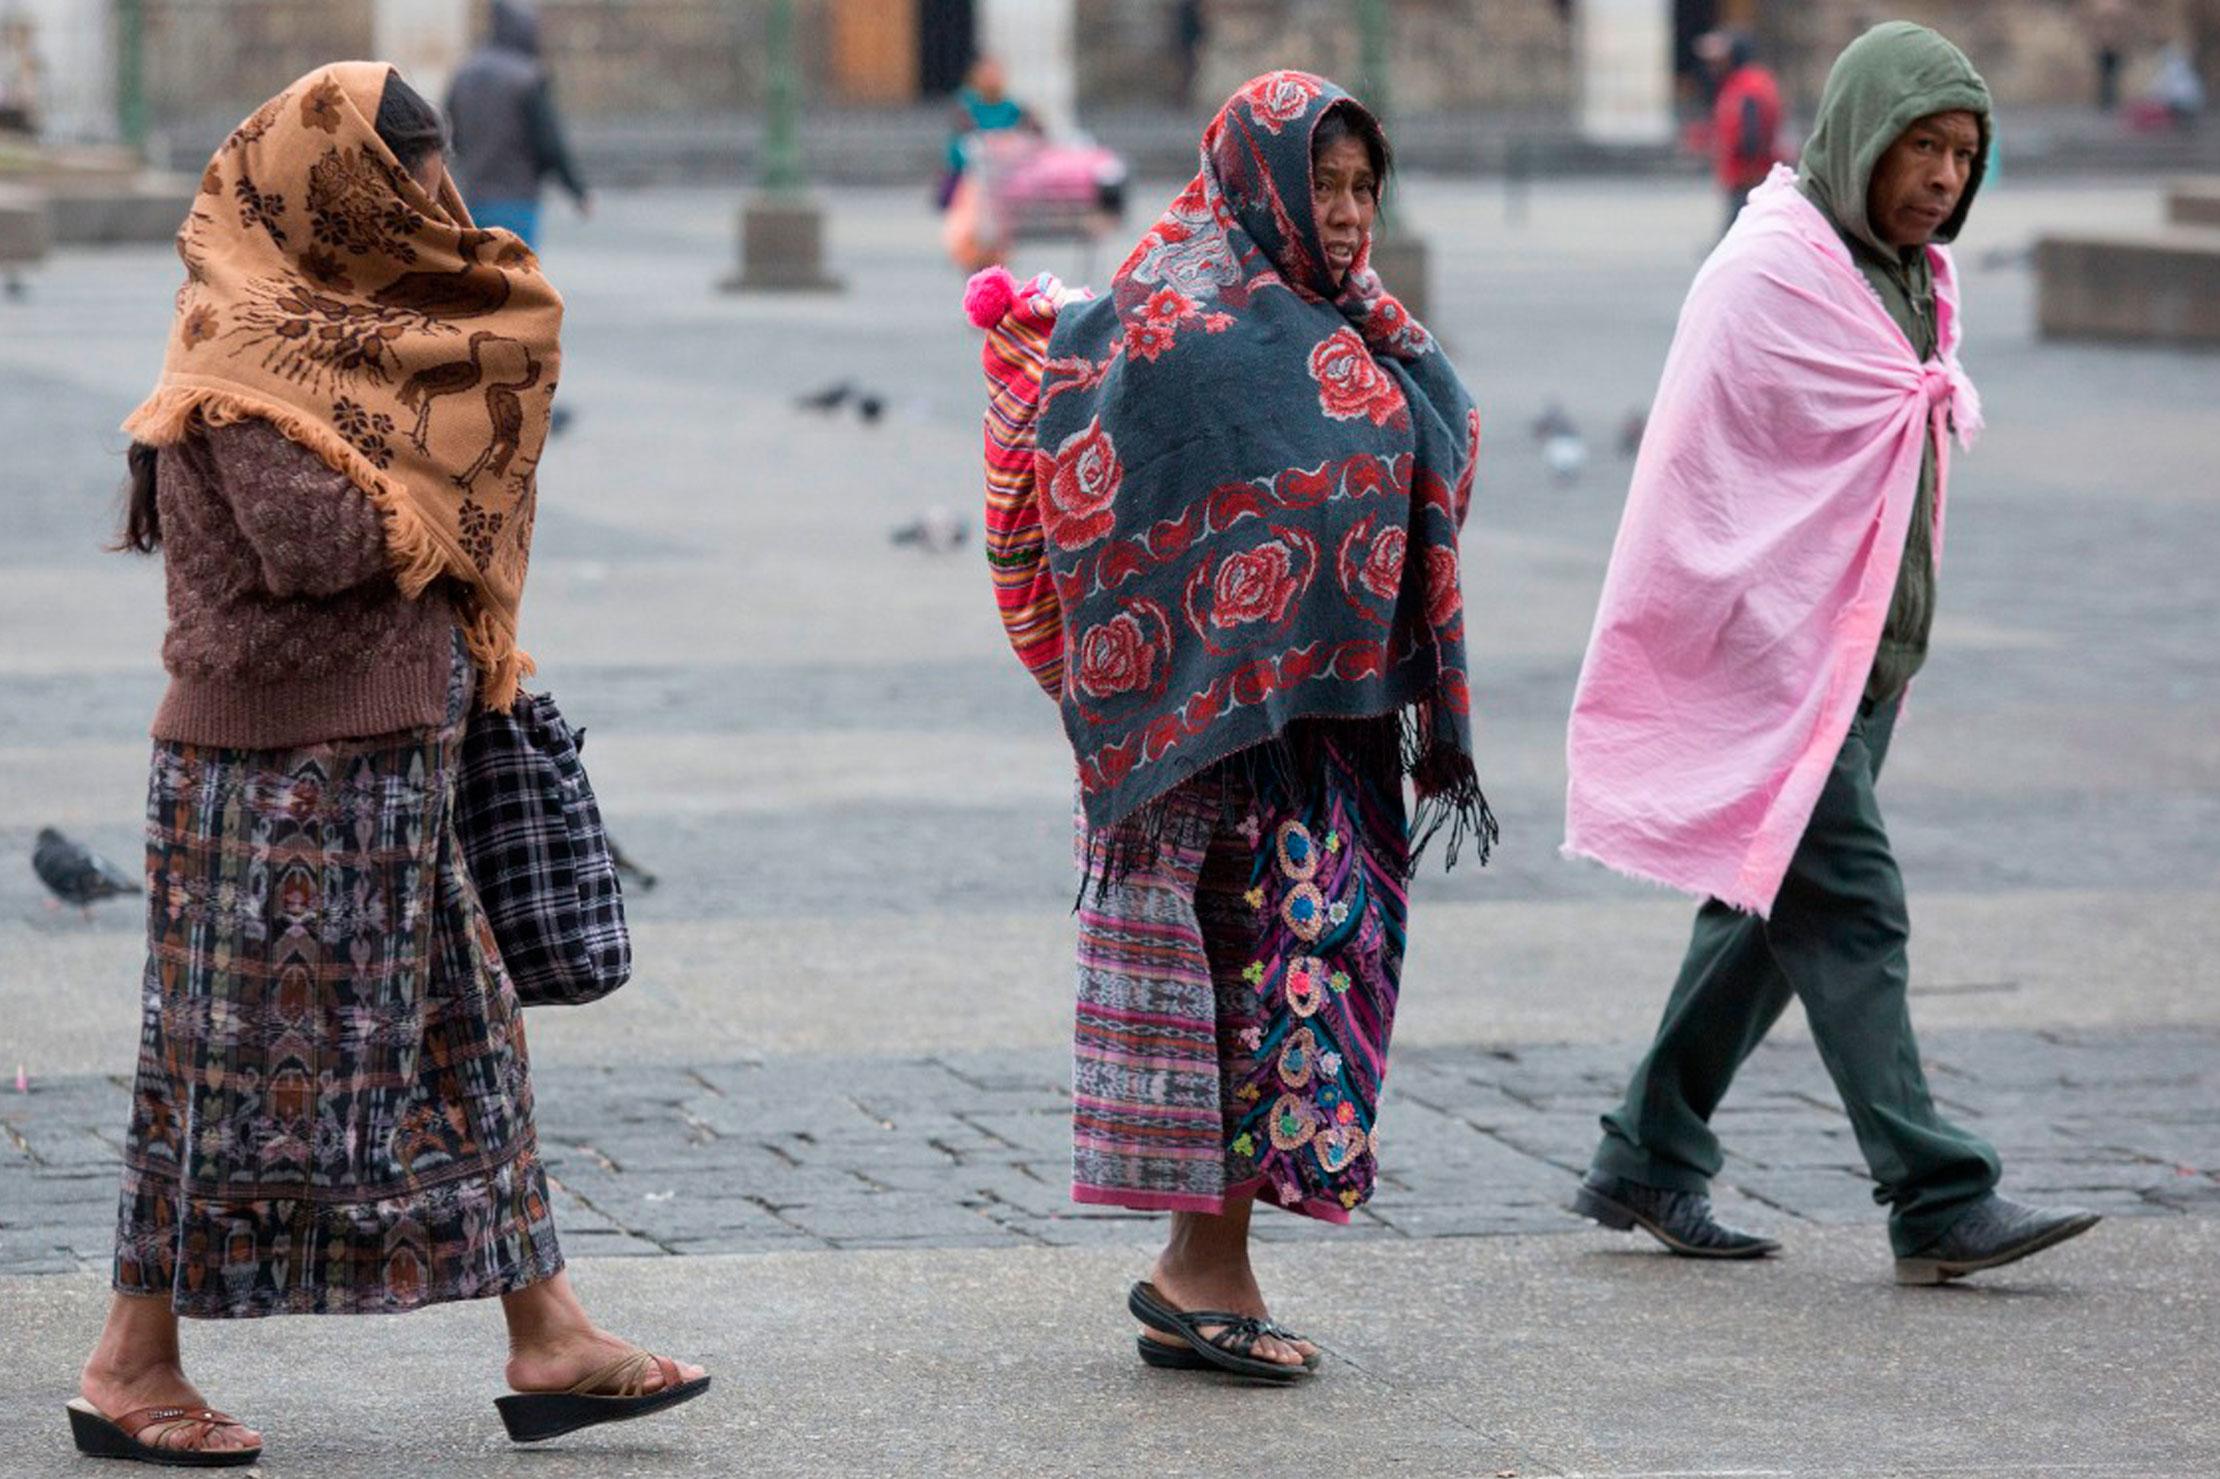 Las fiestas de fin de año serán marcadas por el ingreso de un nuevo frente frío que afectará al territorio nacional.(Foto: DCA)